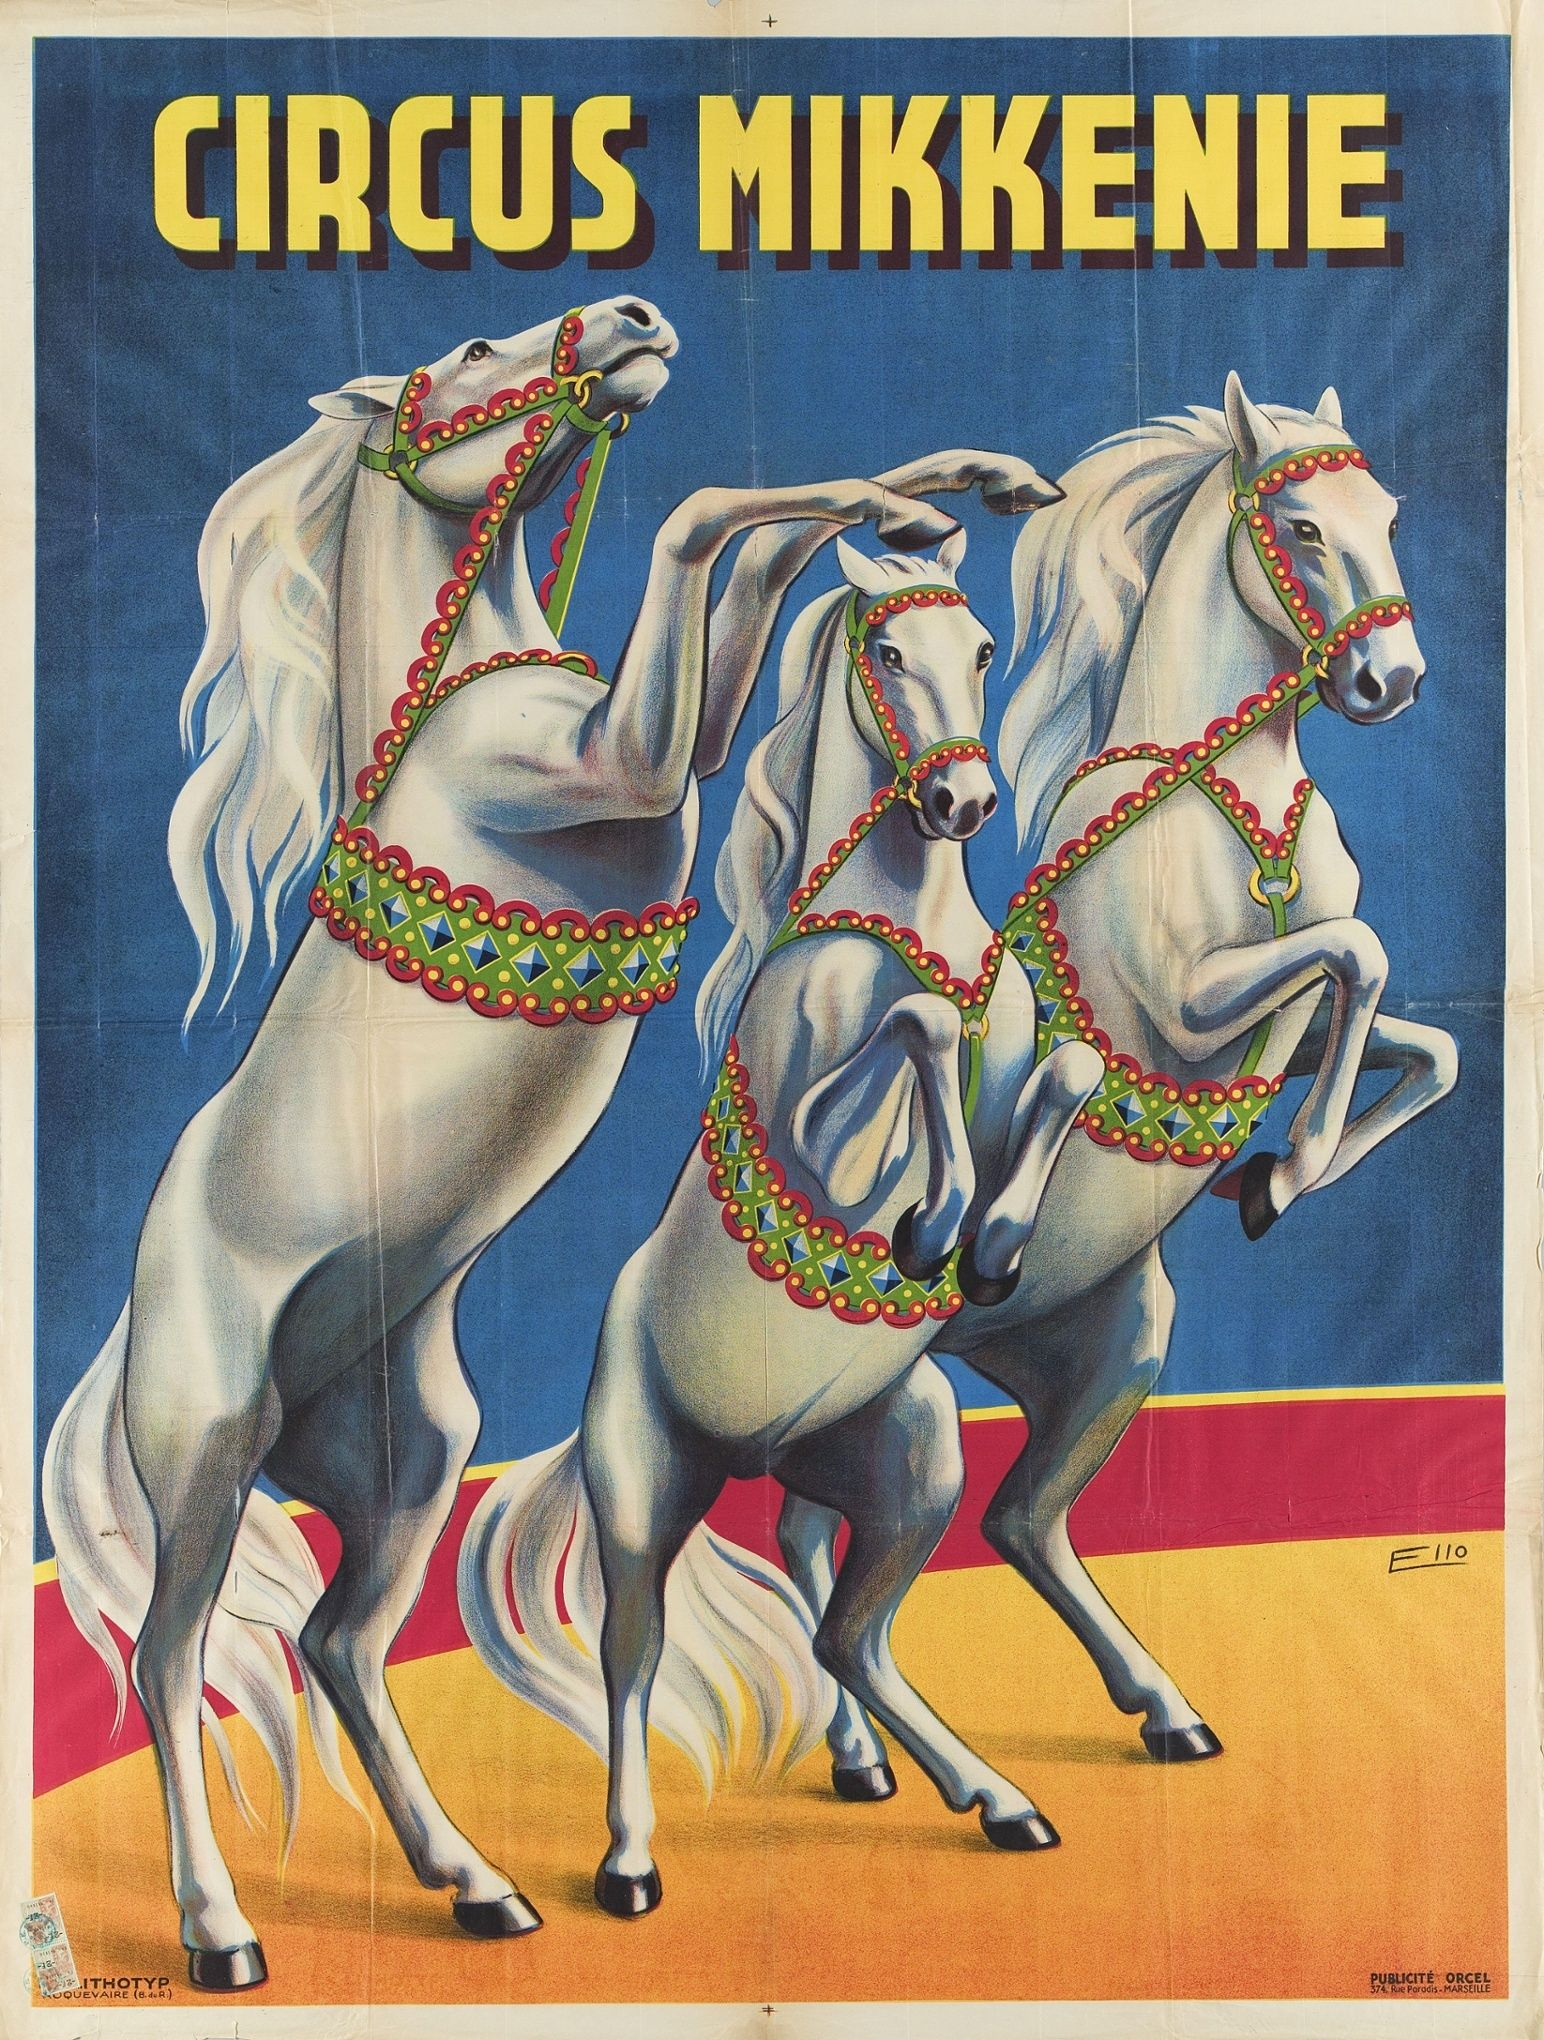 vintage show poster